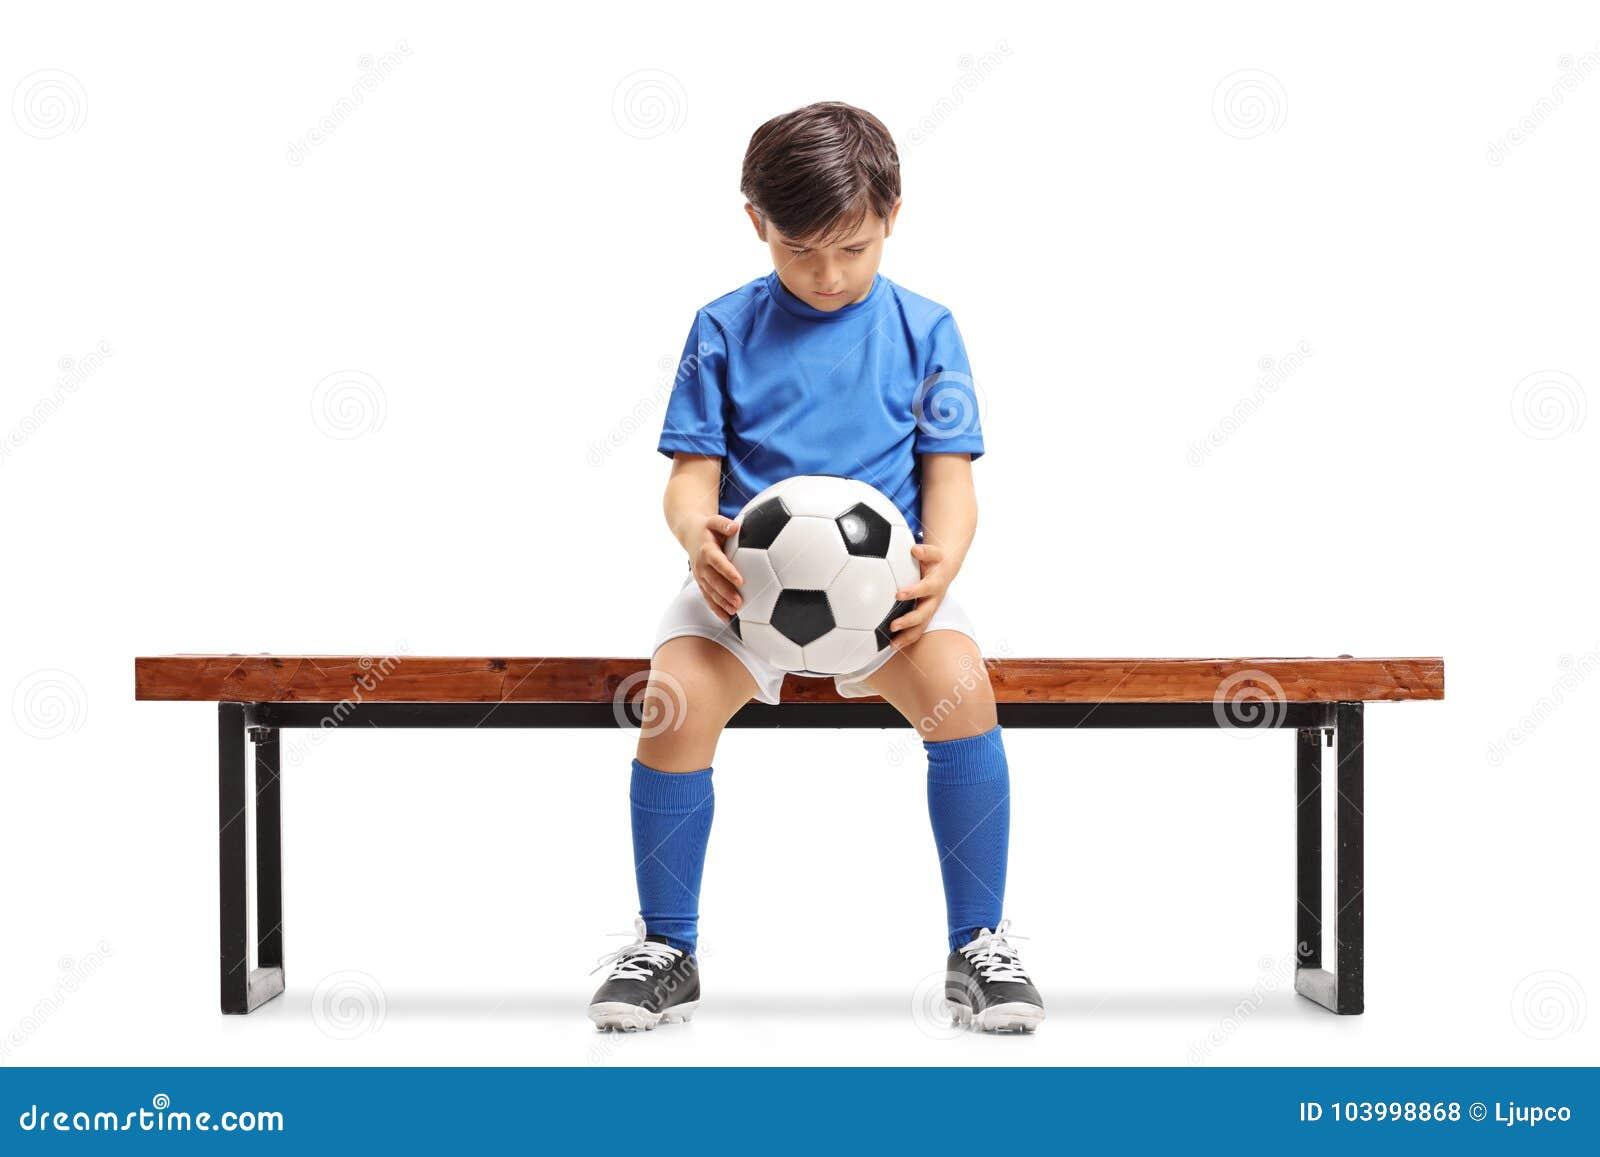 Унылый маленький футболист усаженный на деревянную скамью